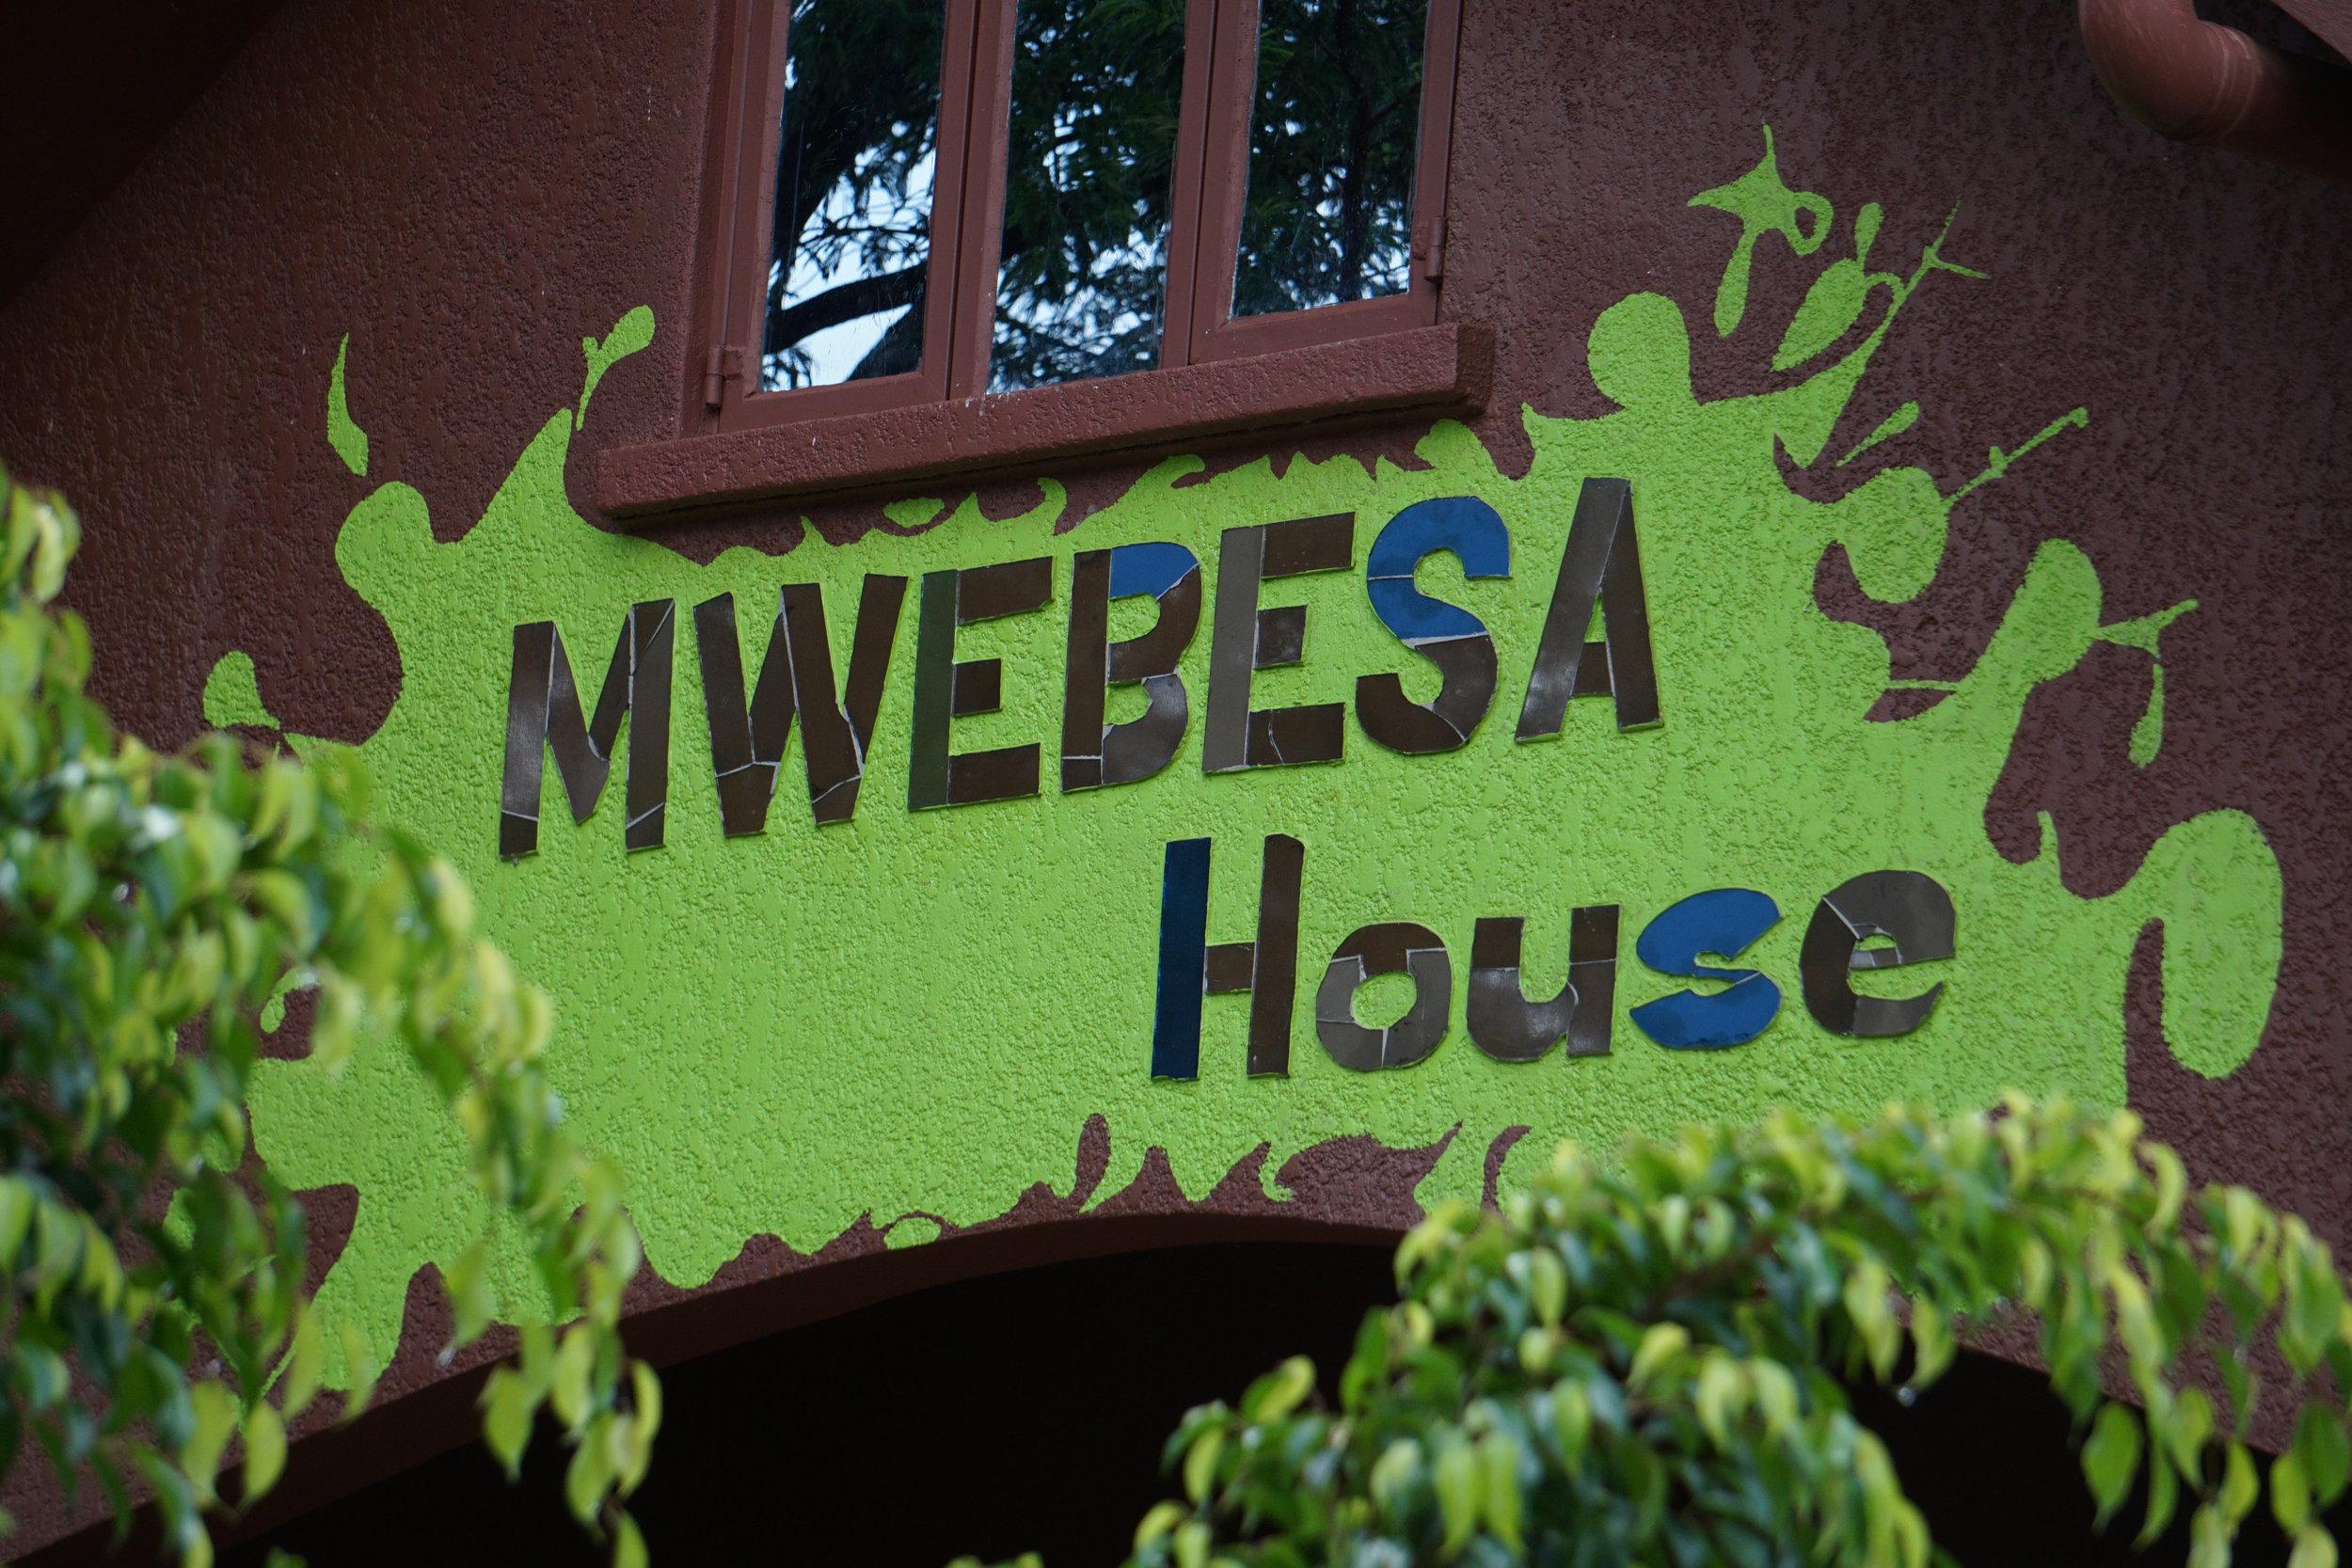 AccommodationMwebesahouse(1).JPG